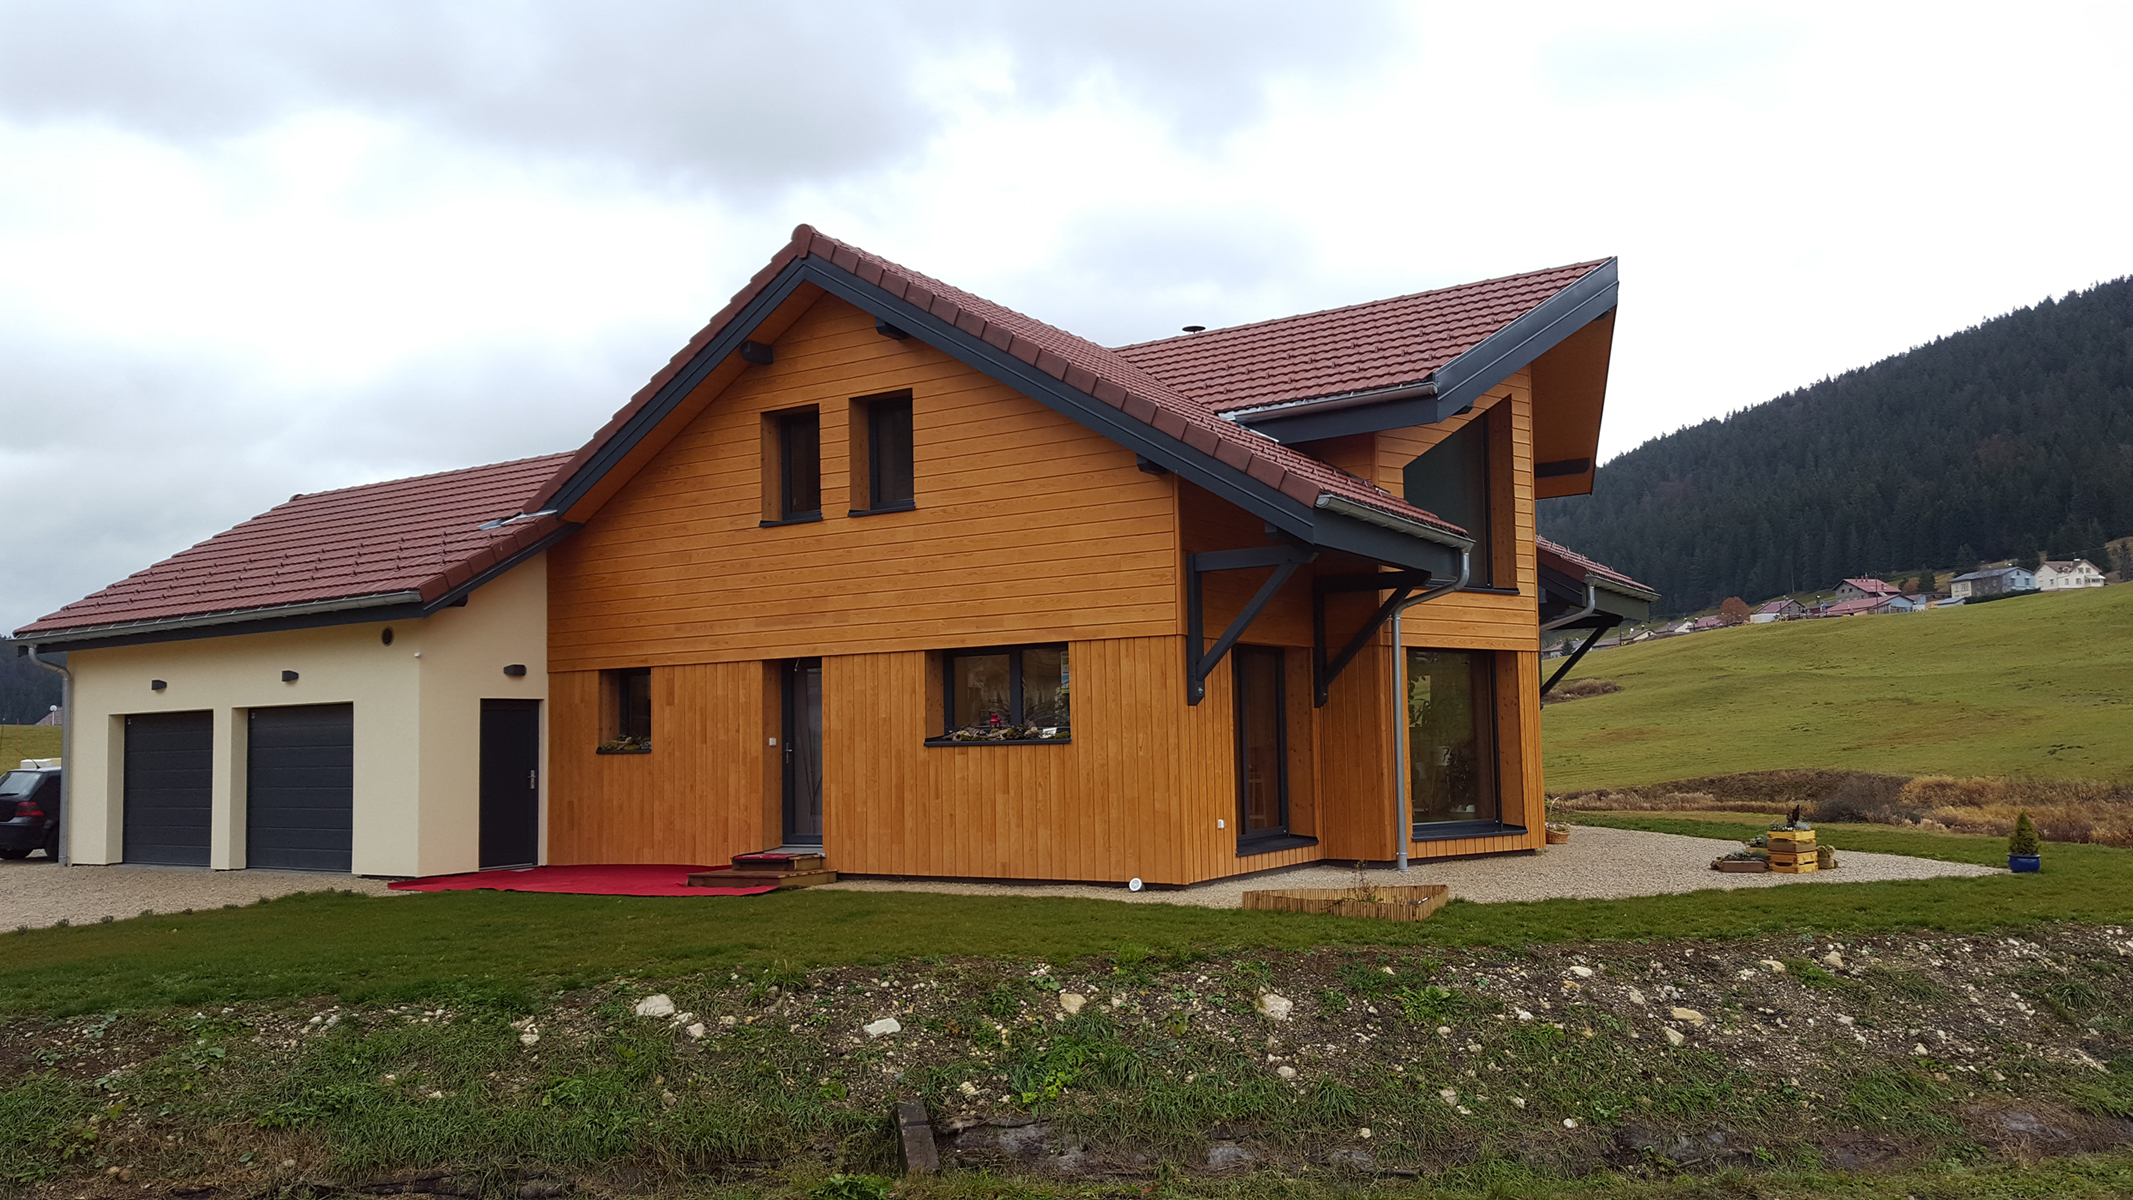 Constructeur maison bois franche comte for Constructeur maison bois